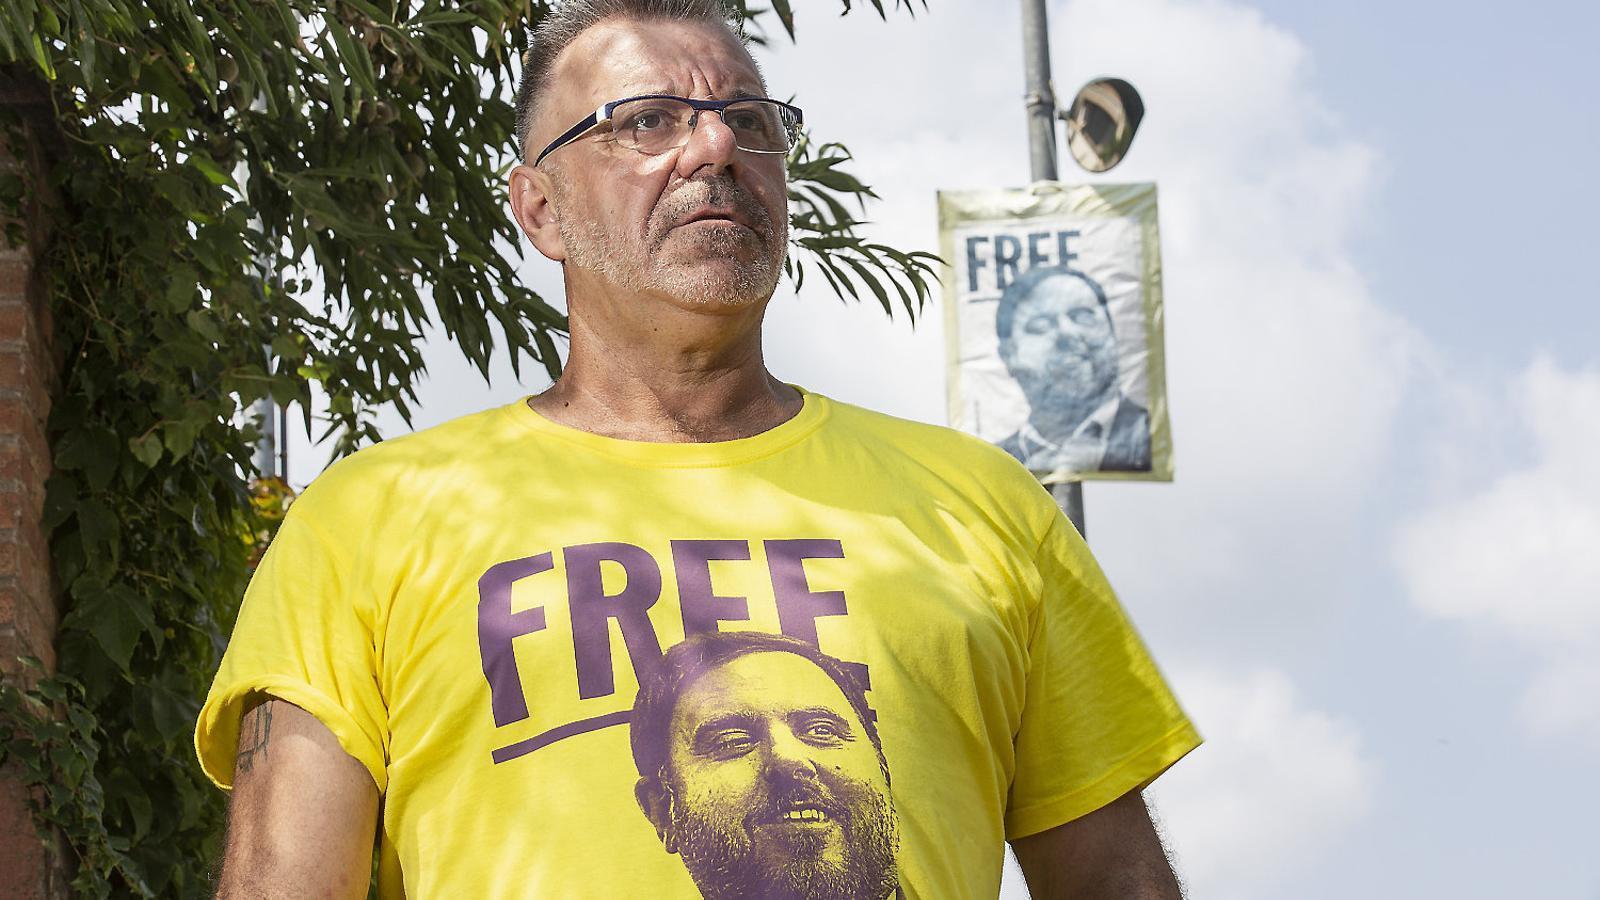 Calero, davant de la casa de Junqueras, on hi ha un cartell per reclamar la seva llibertat a petició del fill del president d'ERC.